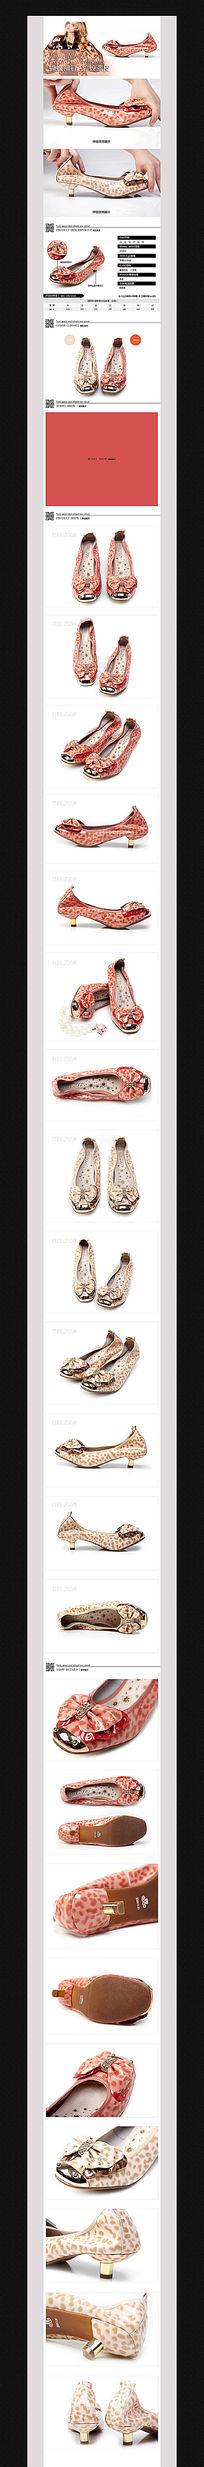 淘宝漆皮女鞋详情页细节PSD素材模板